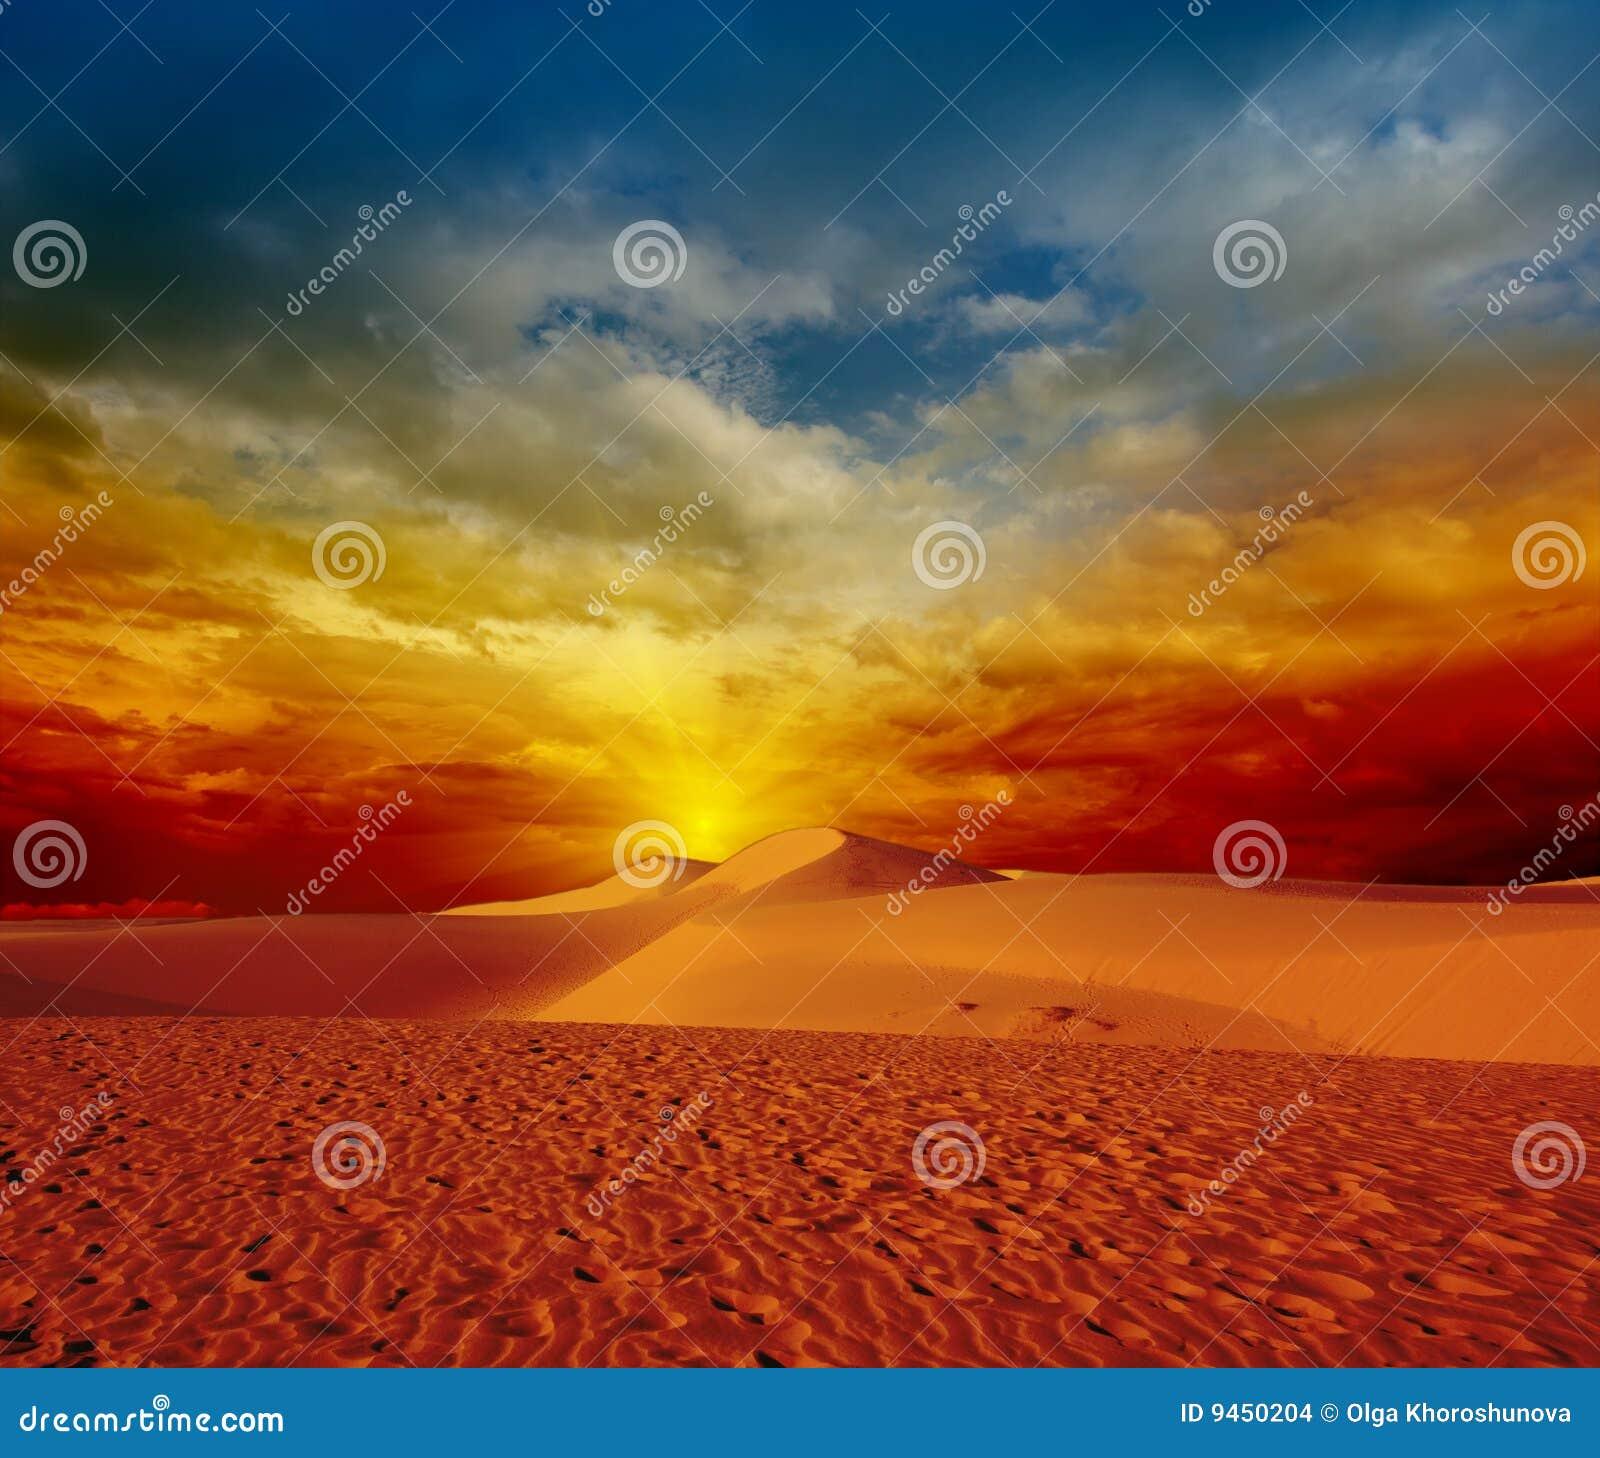 Puesta del sol del desierto